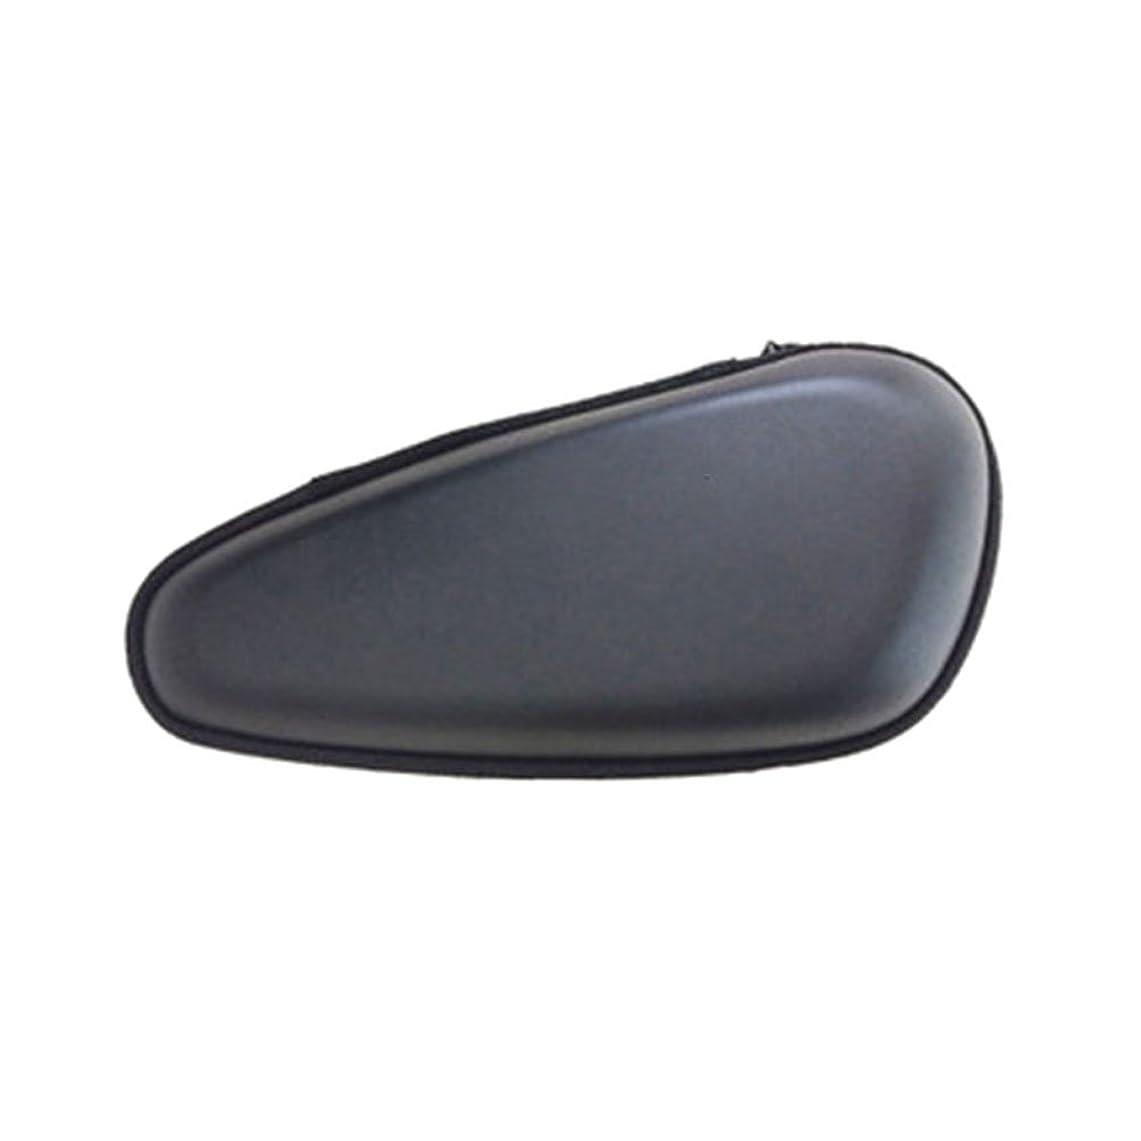 仕事もろい発症HZjundasi Replacement シェーバートラベルケースバッグ for Philips HQ912/909/986/917/904/902